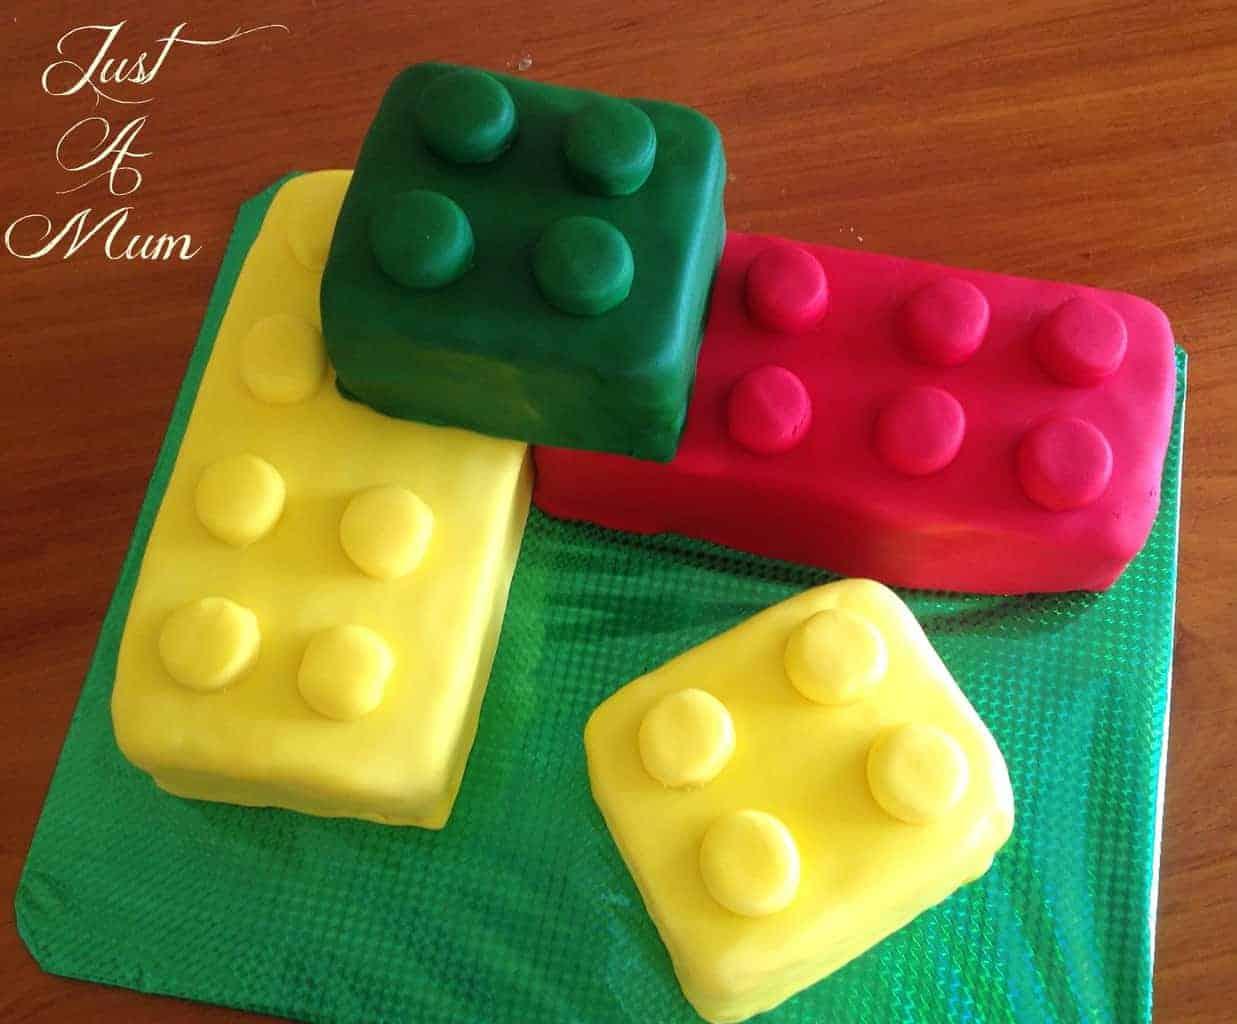 Lego Block Cake Recipe